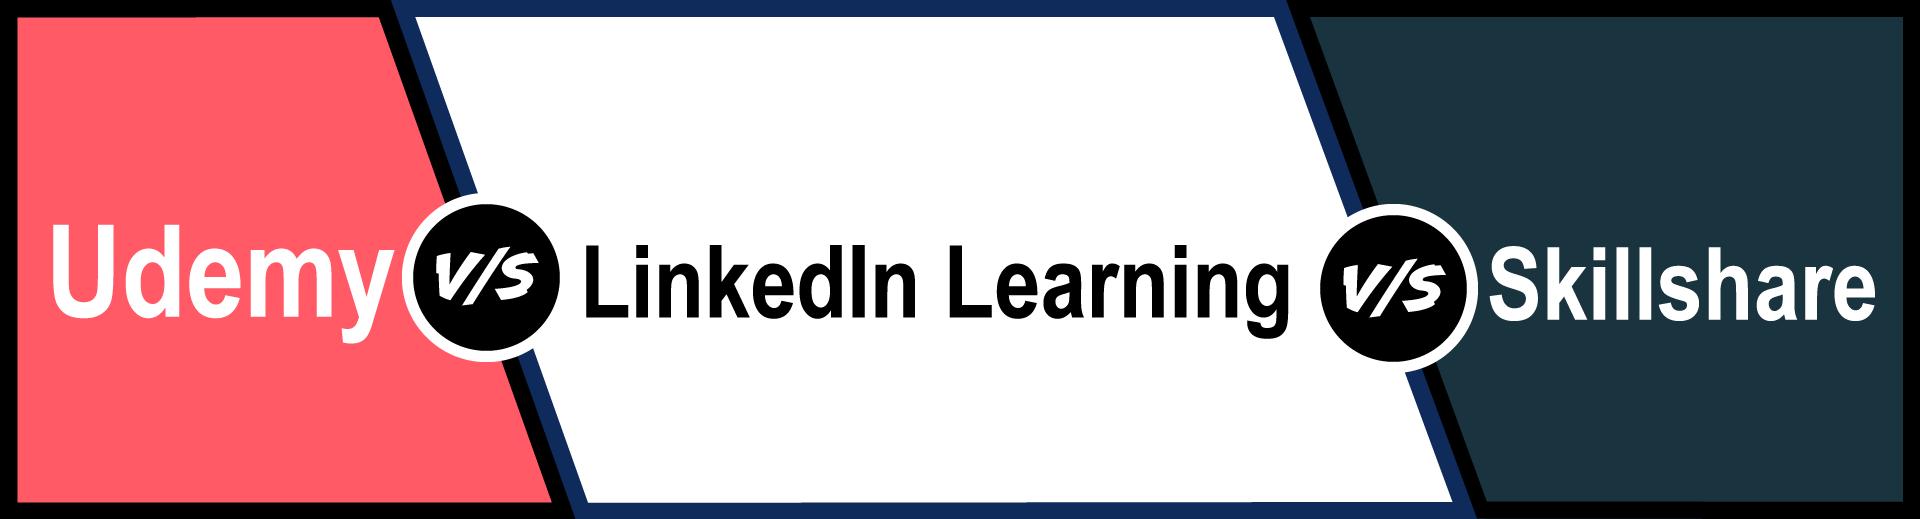 Udemy, Skillshare und LinkedIn Learning im Vergleich